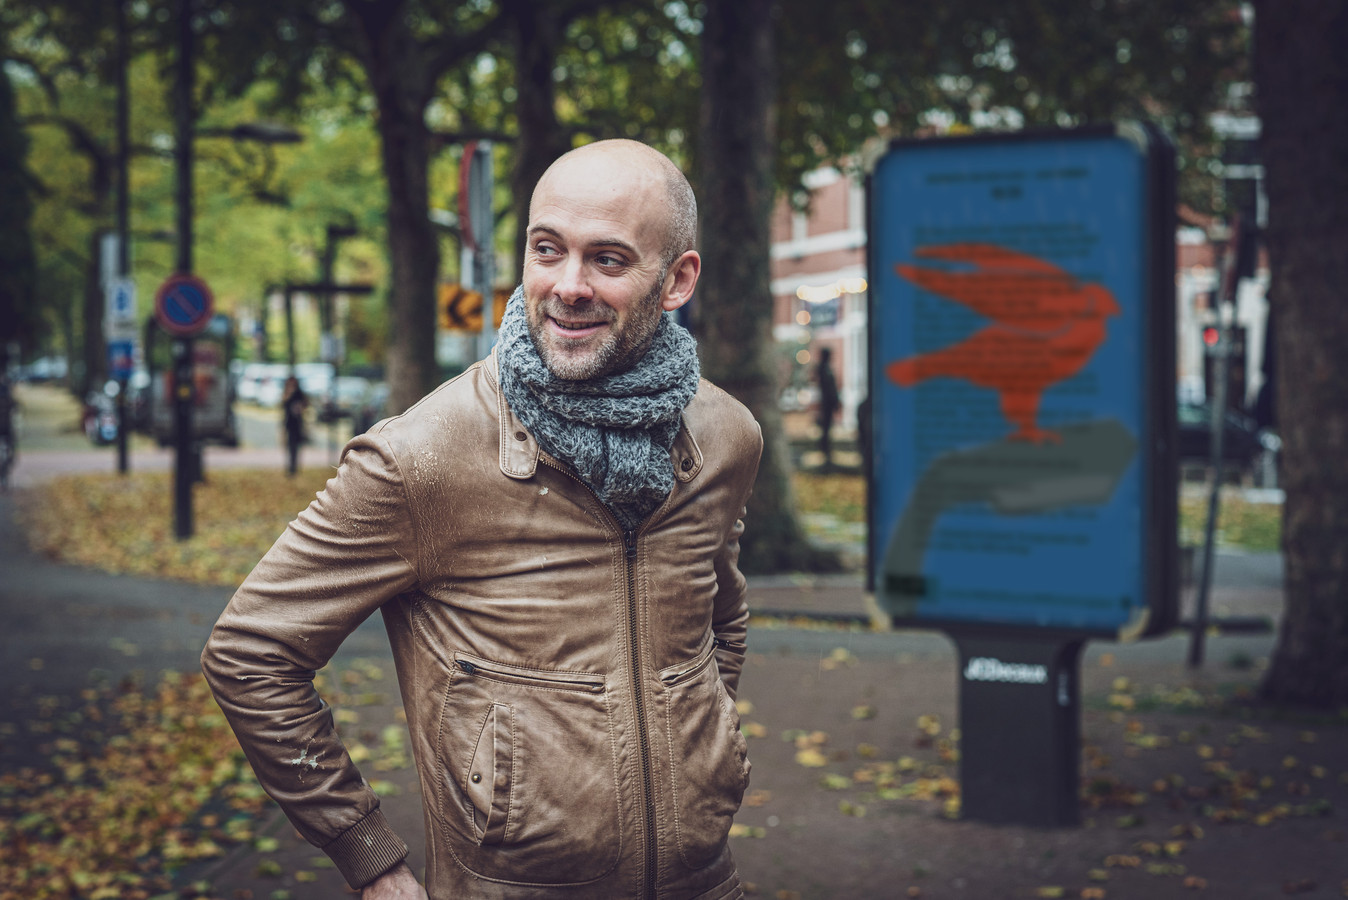 Jaap Robben bij een van de vijfentwintig Nijmeegse mupi's met het verhaal 'Biografie van een vlieg'.